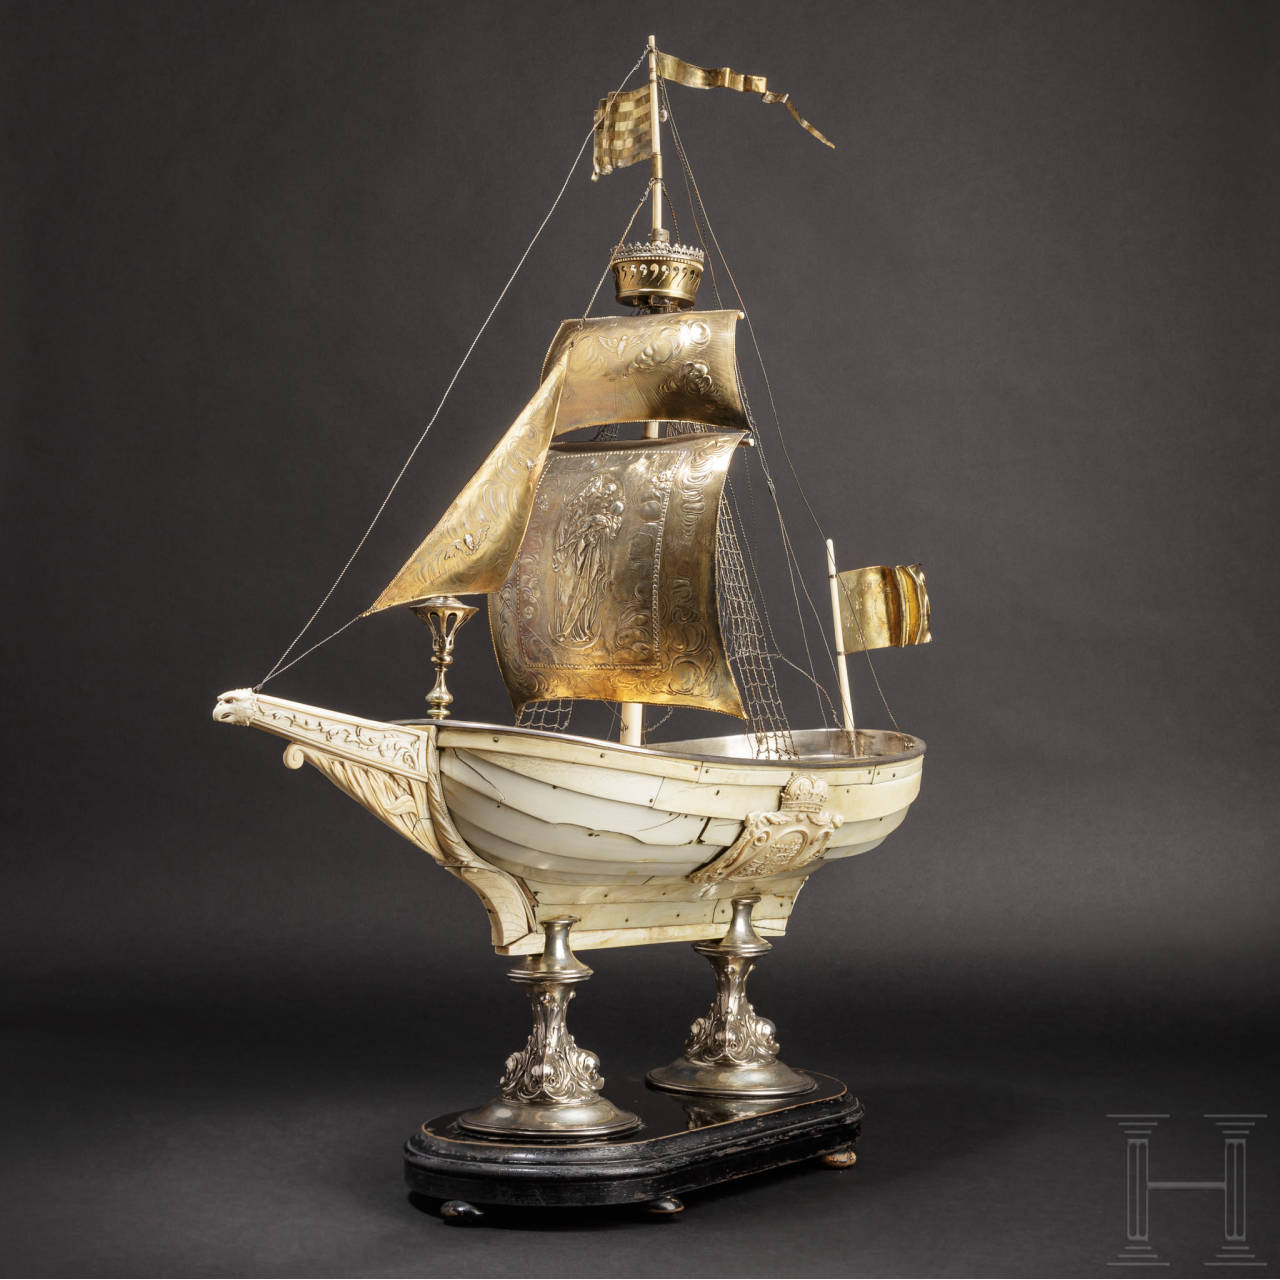 Prächtiger Tafelaufsatz in Form eines großes Elfenbeinschiffes, Frankreich oder deutsch, 1. Hälfte 19. Jhdt.